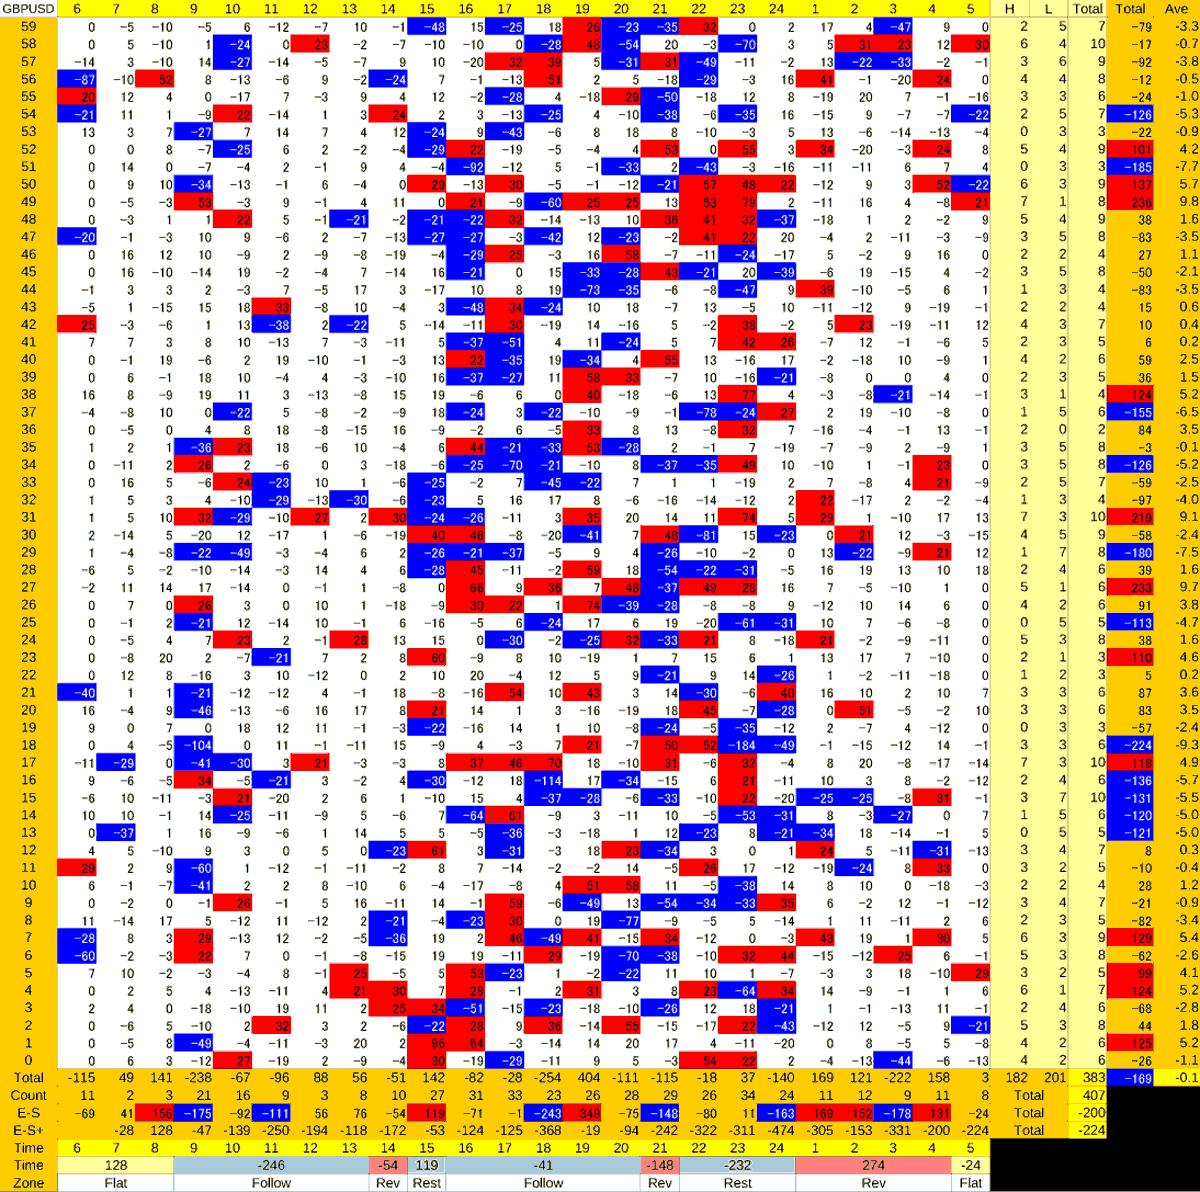 20200617_HS(2)GBPUSD